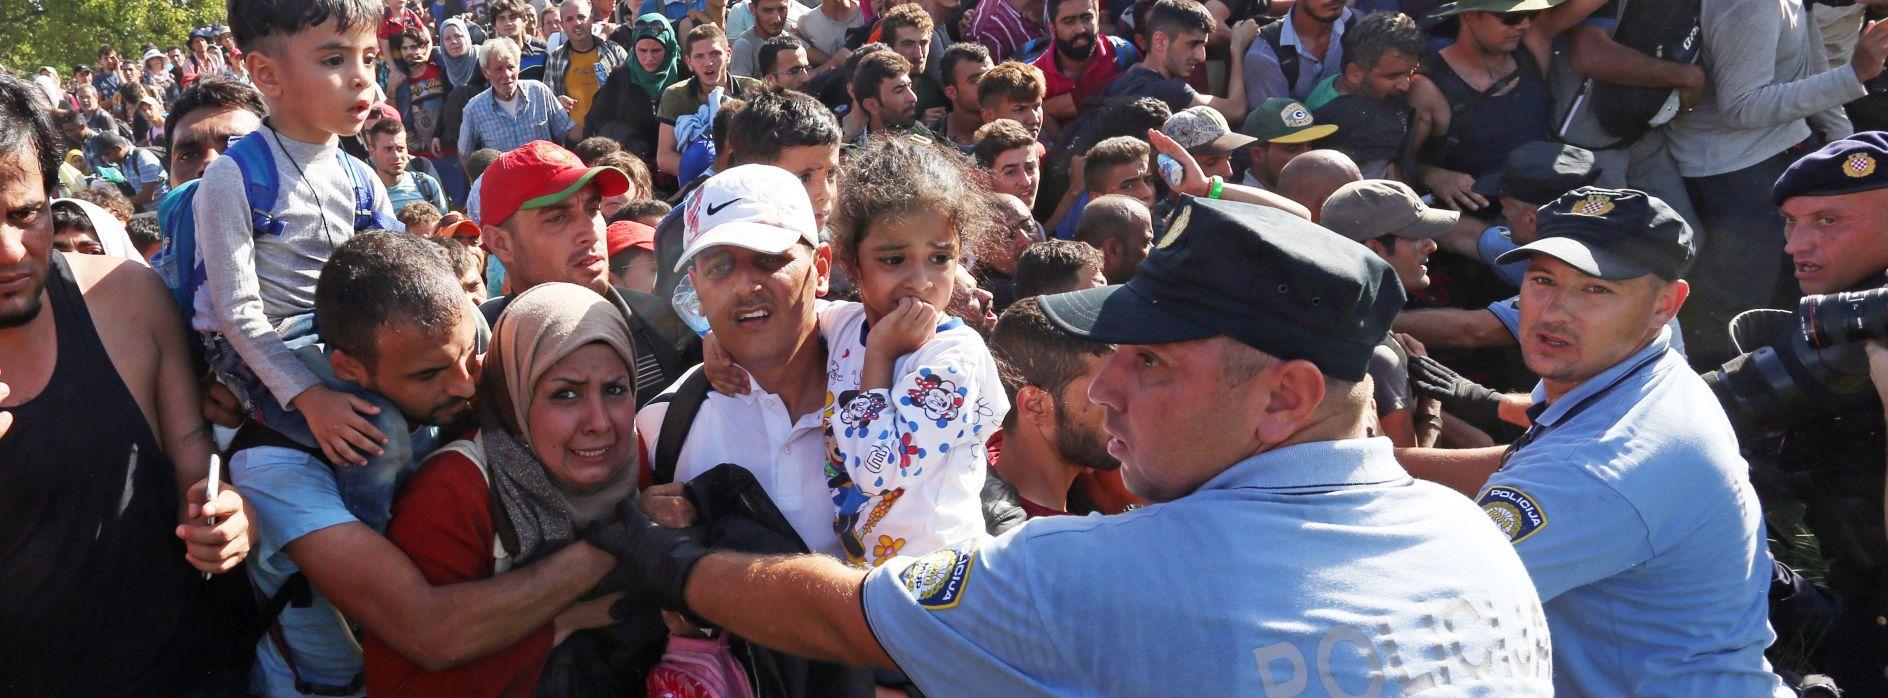 BELI MANASTIR NIJE SLOVENIJA U Hrvatsku do 19 sati ušlo oko 9200 migranata